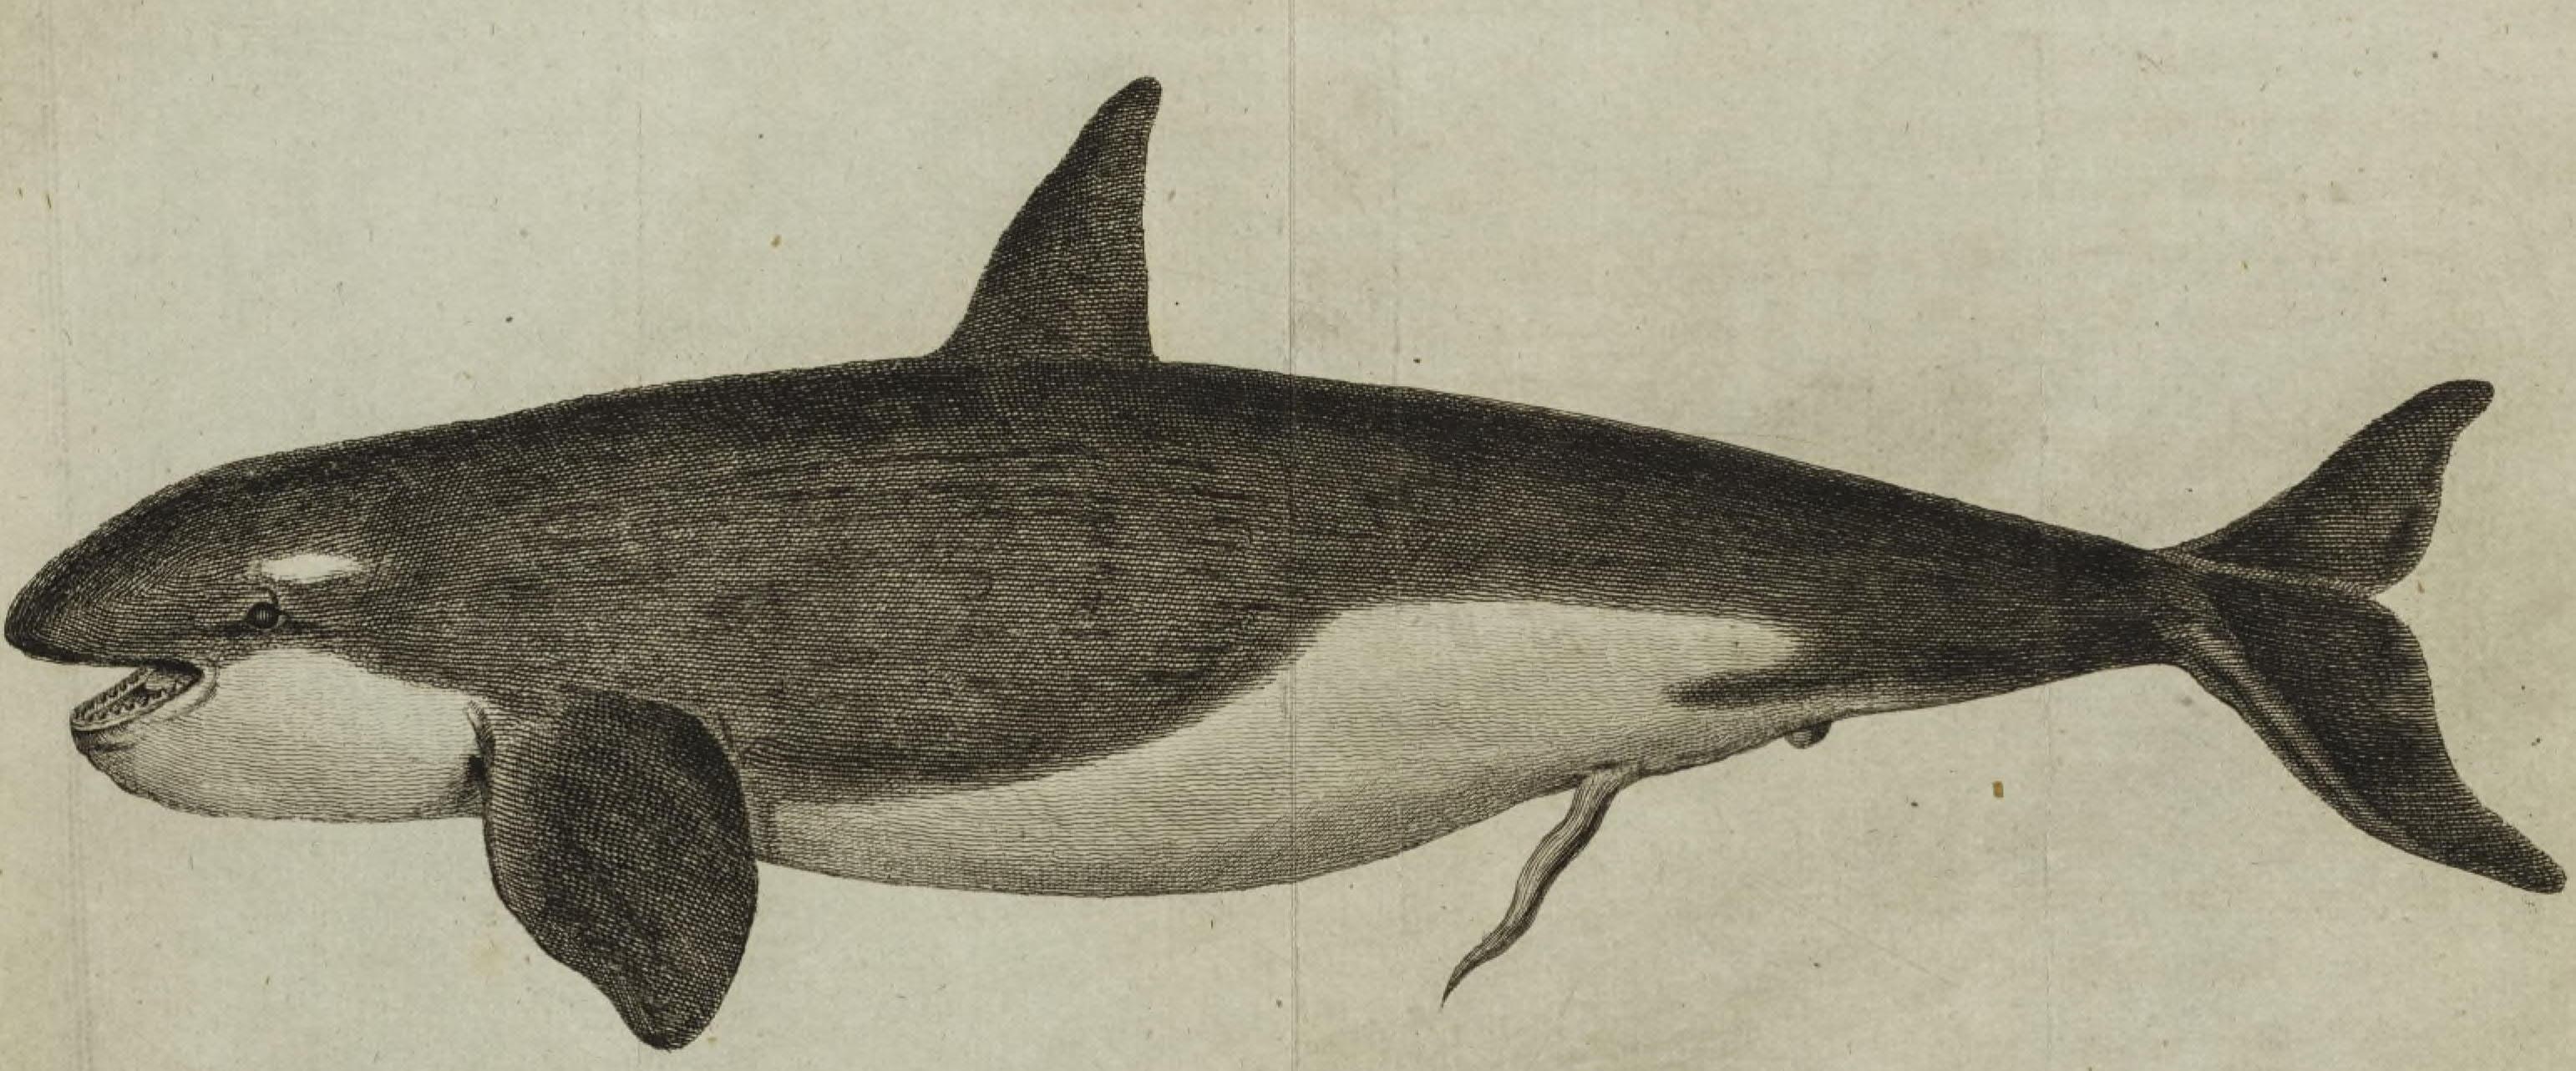 210323 1787 Grampus drawing1